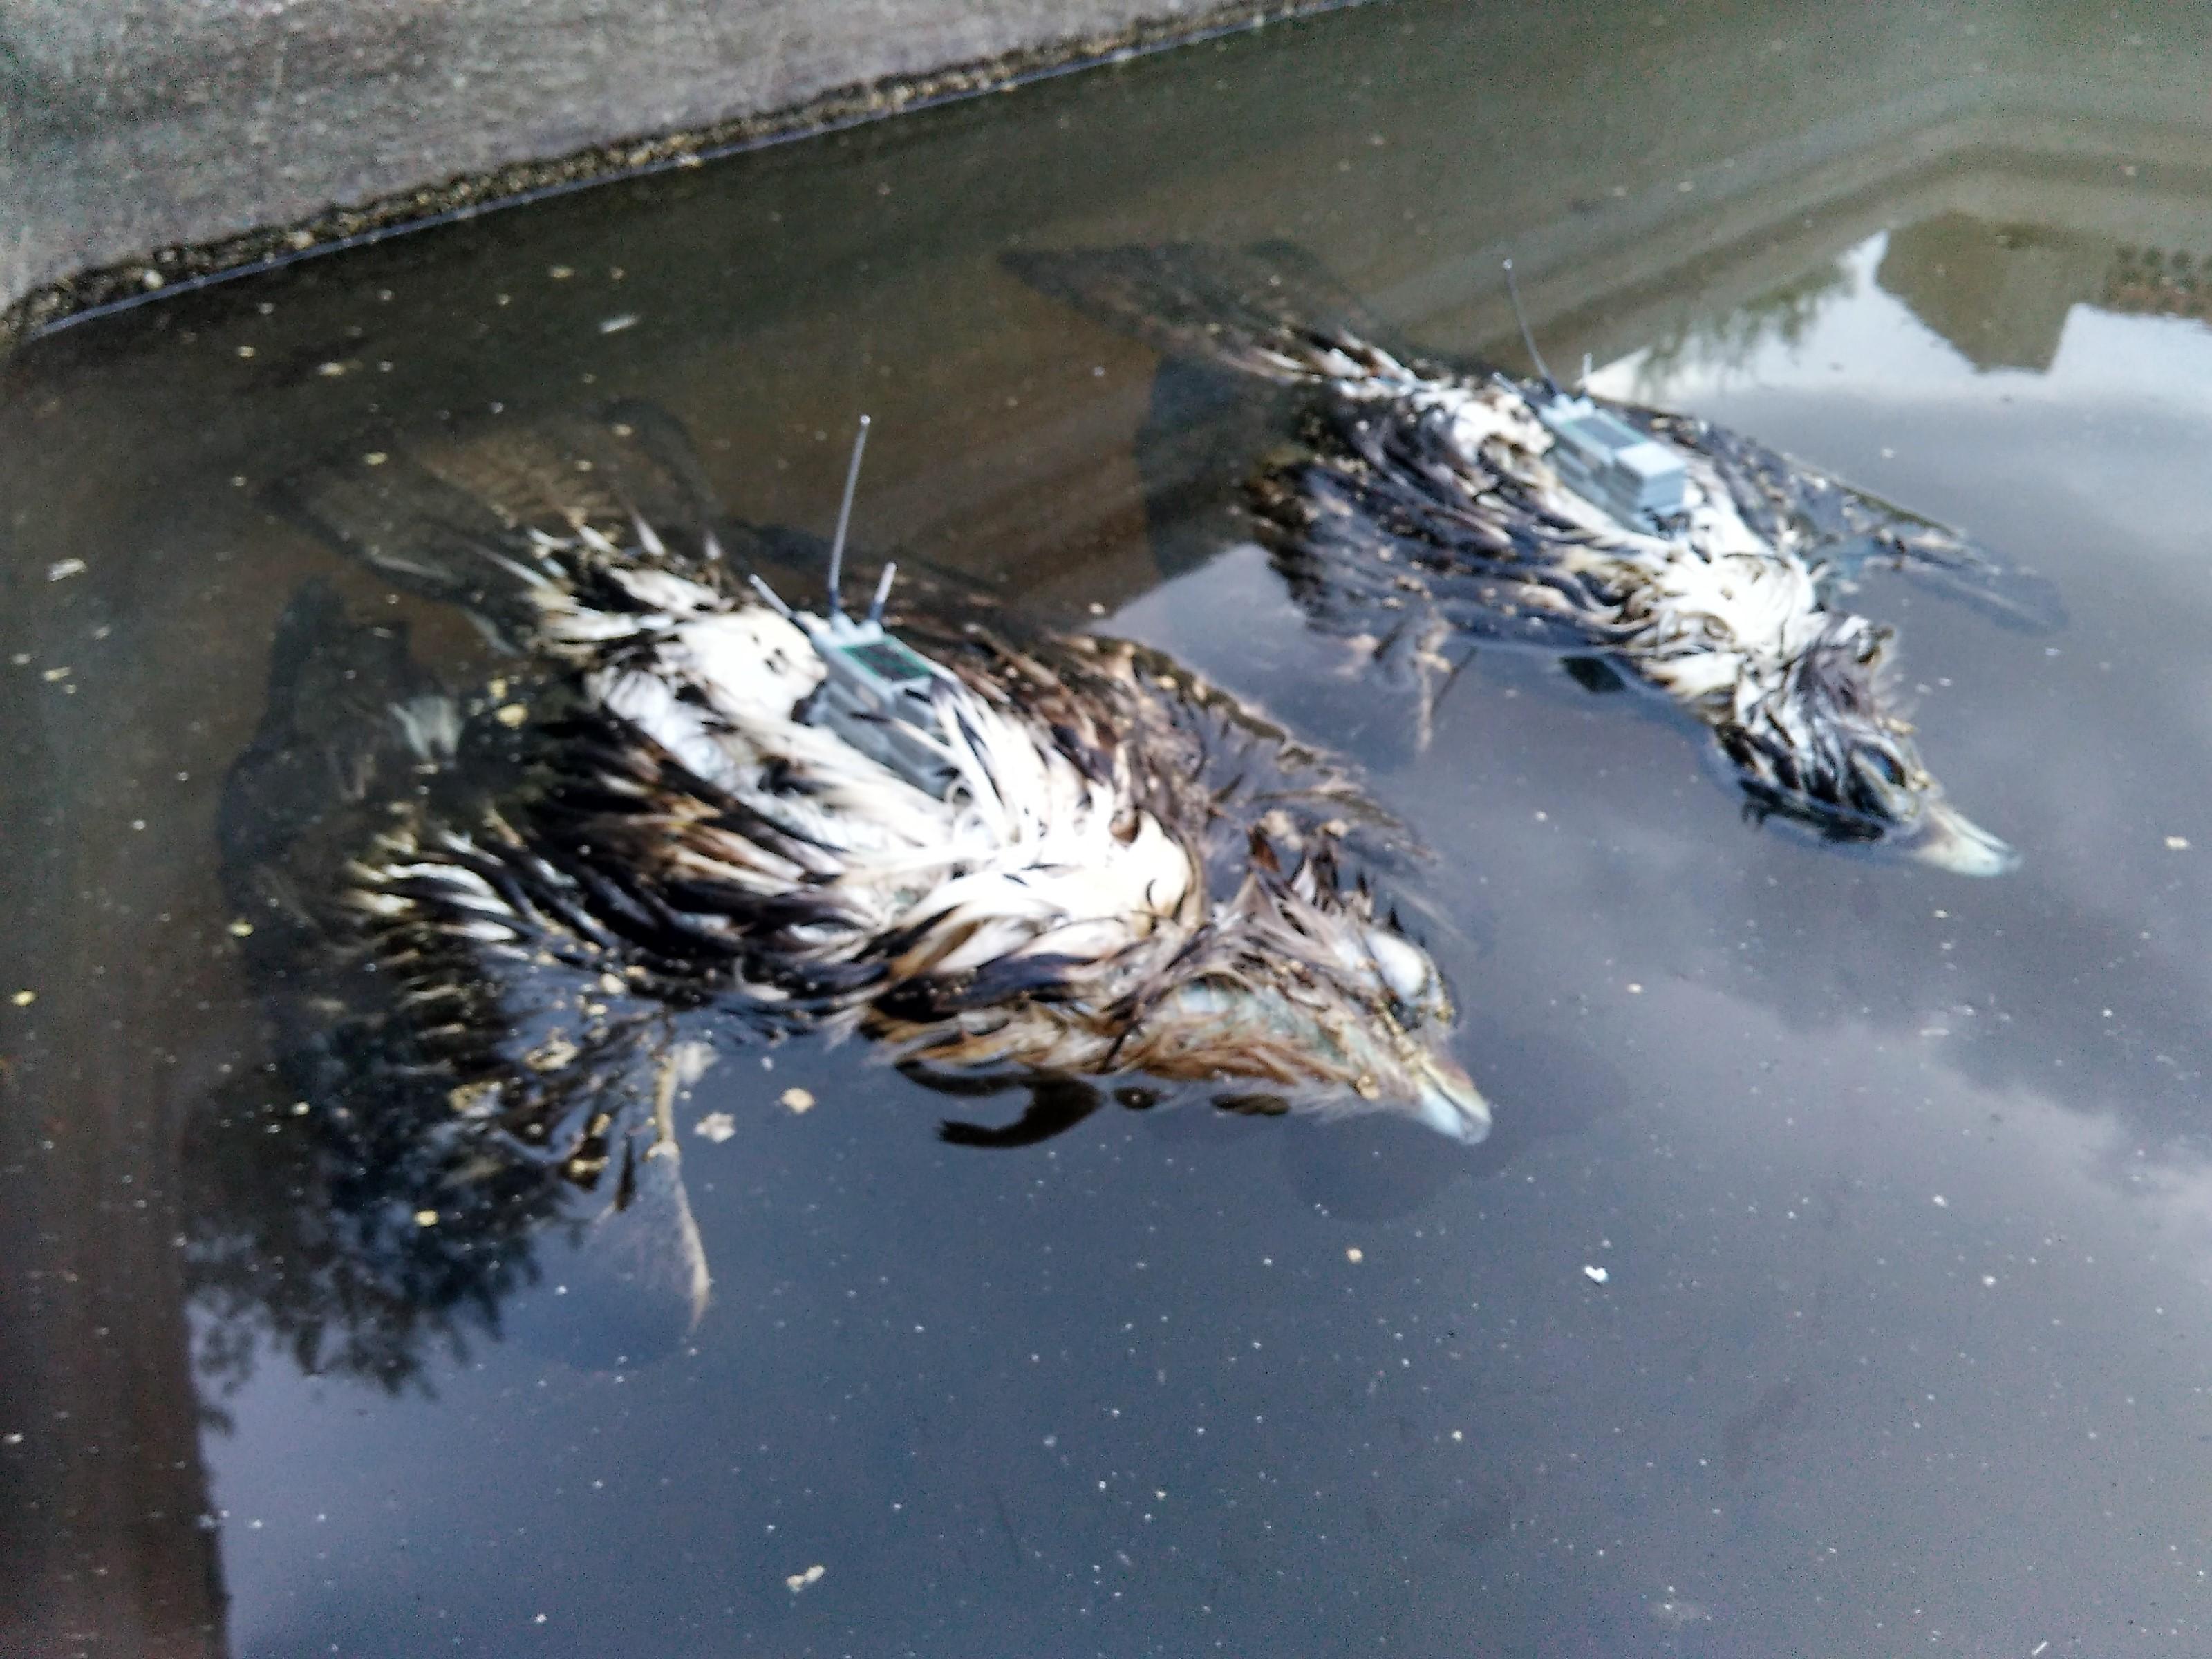 Pareja de águilas perdiceras radiomarcadas que murieron ahogadas en un depósito. Imagen: Adensva